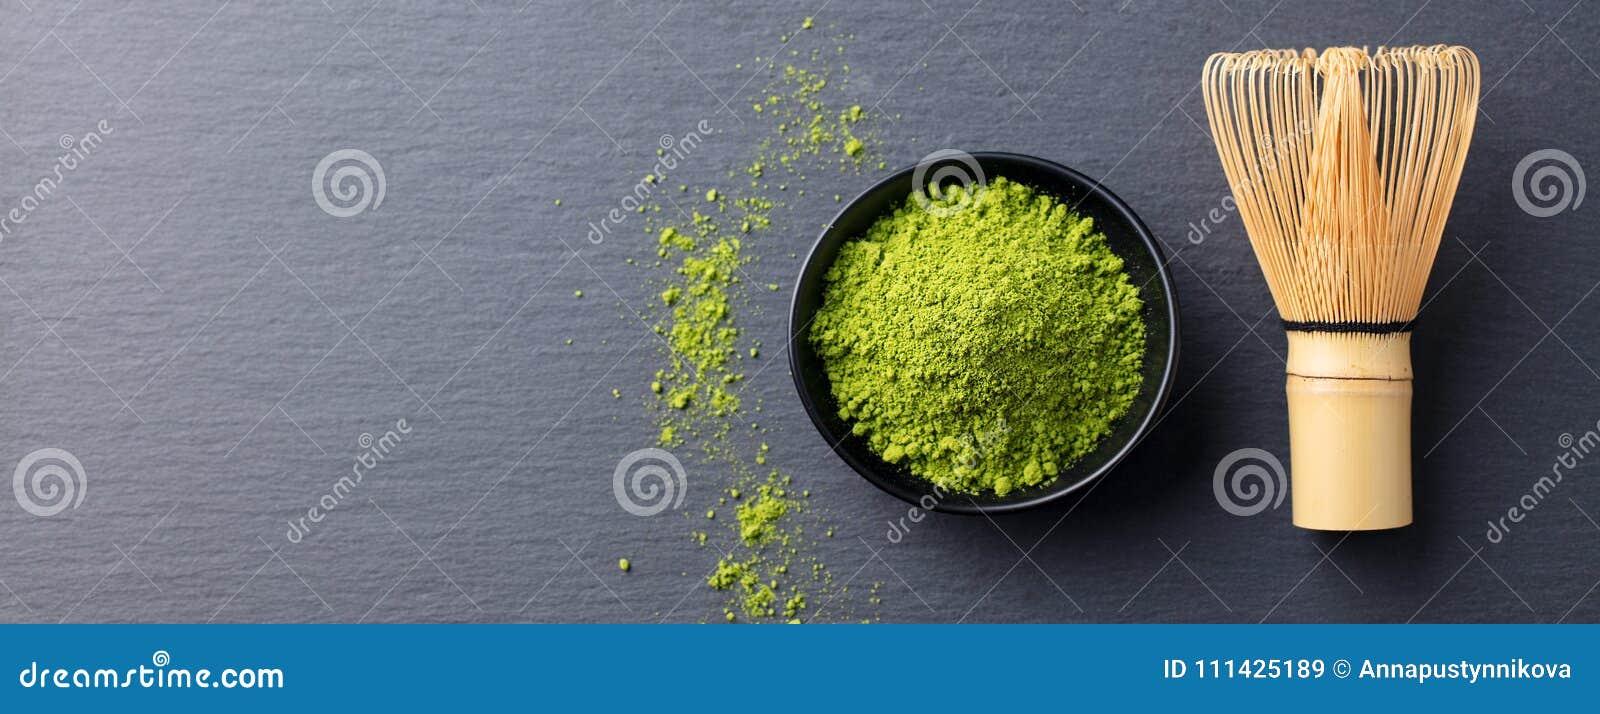 Processo de cozimento do chá verde de Matcha em uma bacia com batedor de ovos de bambu Enegreça o fundo da ardósia Copie o espaço